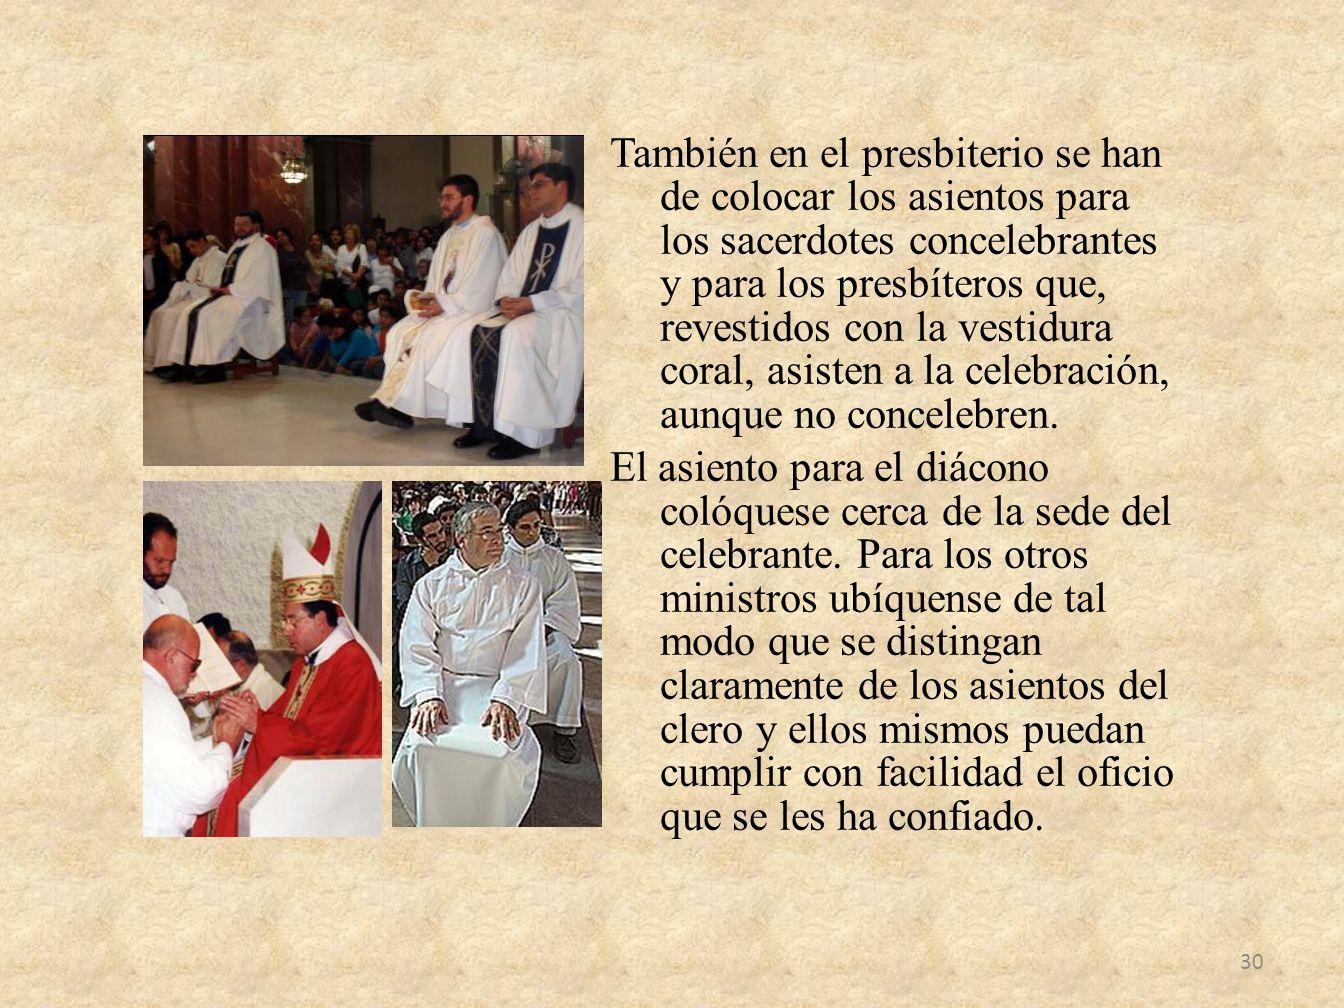 También en el presbiterio se han de colocar los asientos para los sacerdotes concelebrantes y para los presbíteros que, revestidos con la vestidura coral, asisten a la celebración, aunque no concelebren.